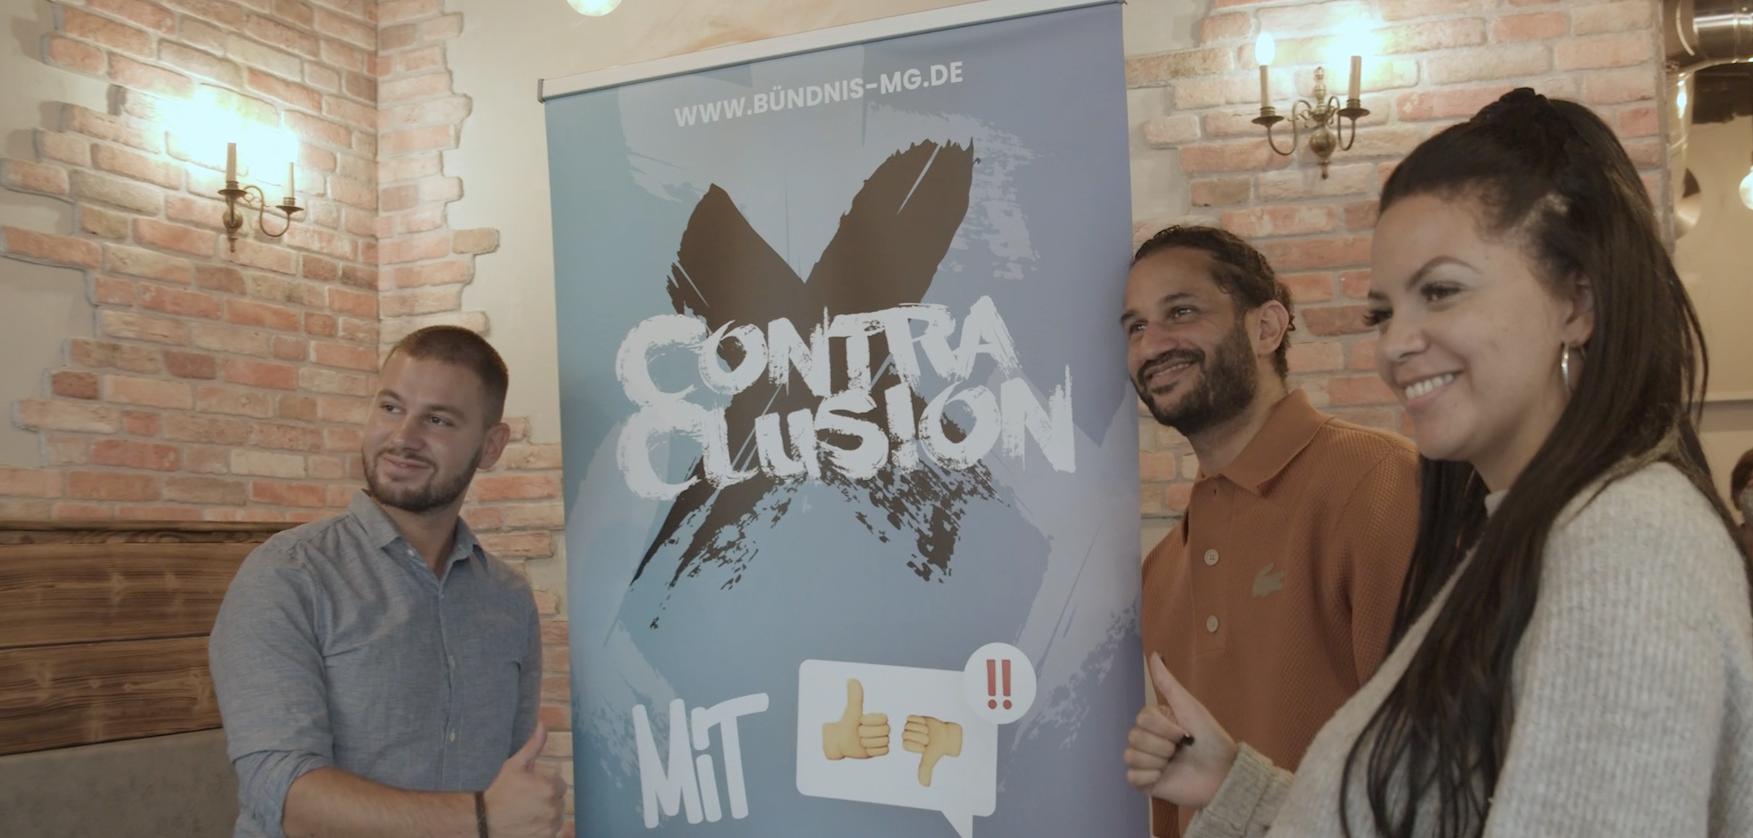 Usus Mango im Interview von contraXclusion